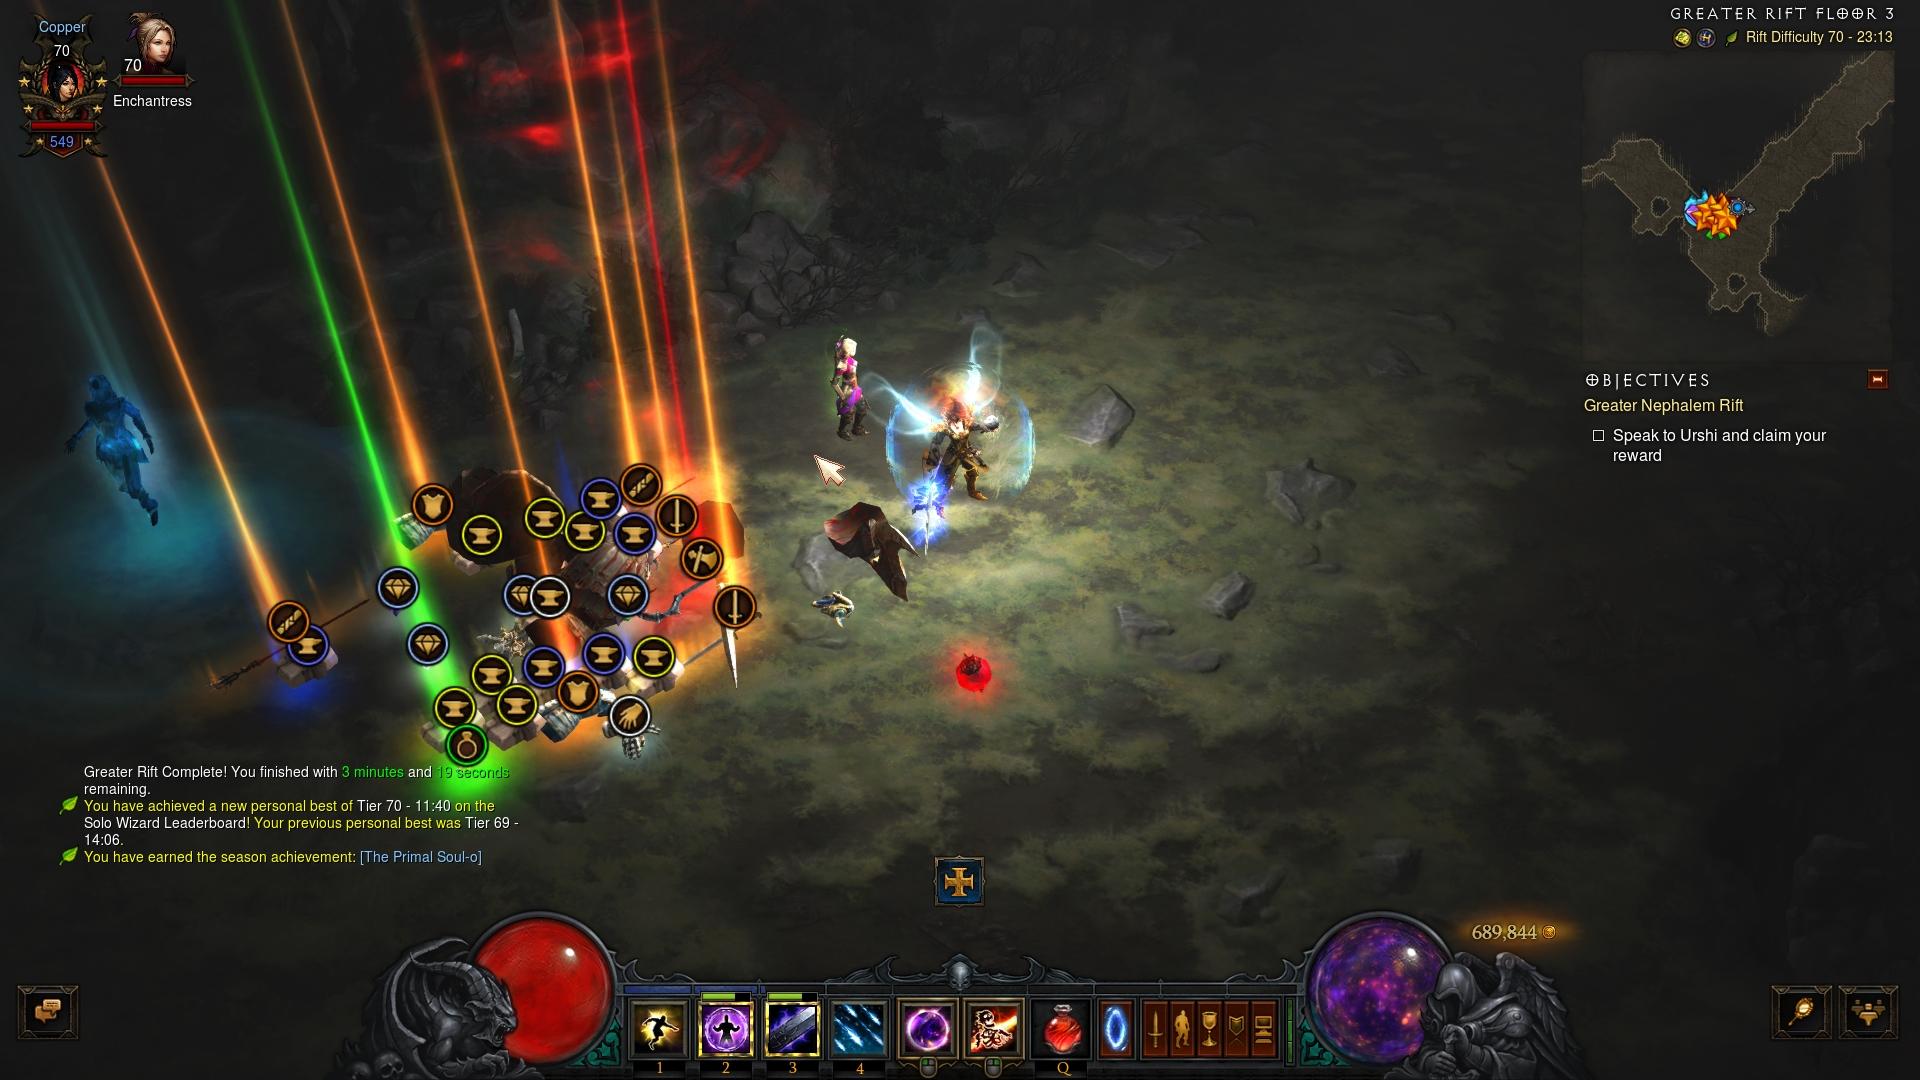 Copper Ice | Diablo III Season 16 End